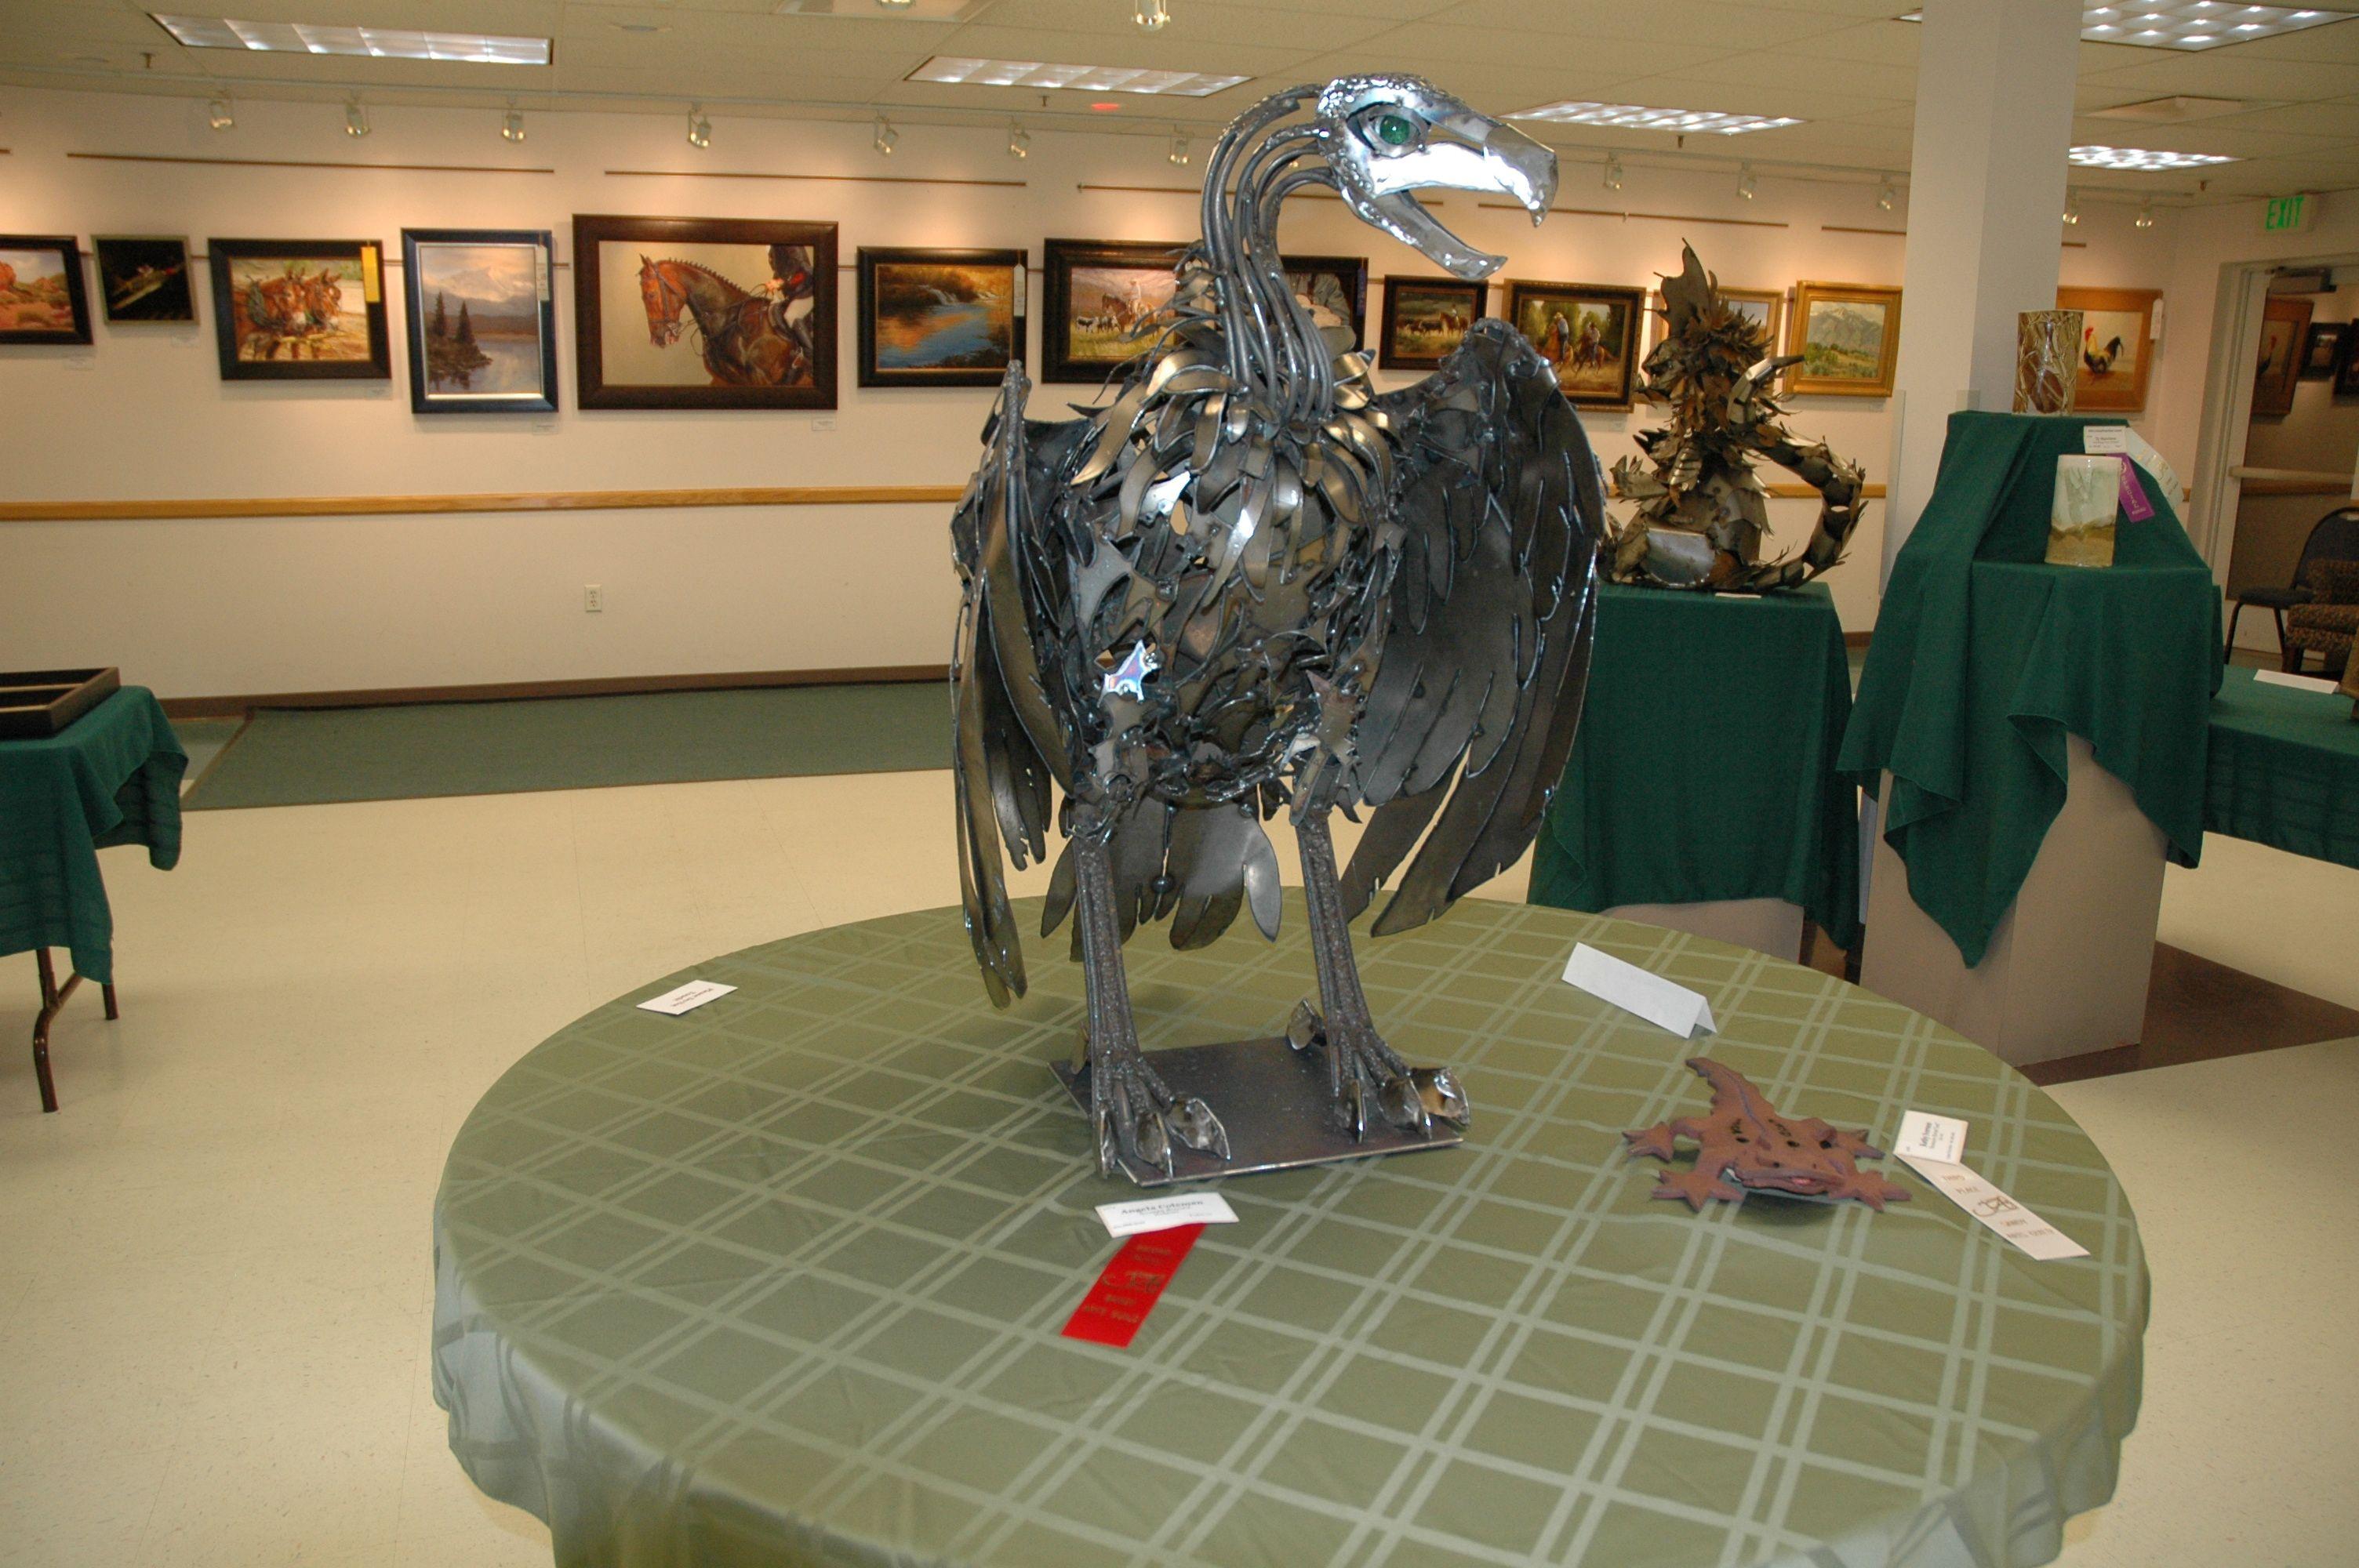 2013 Visual Art Show in Sandy, Utah